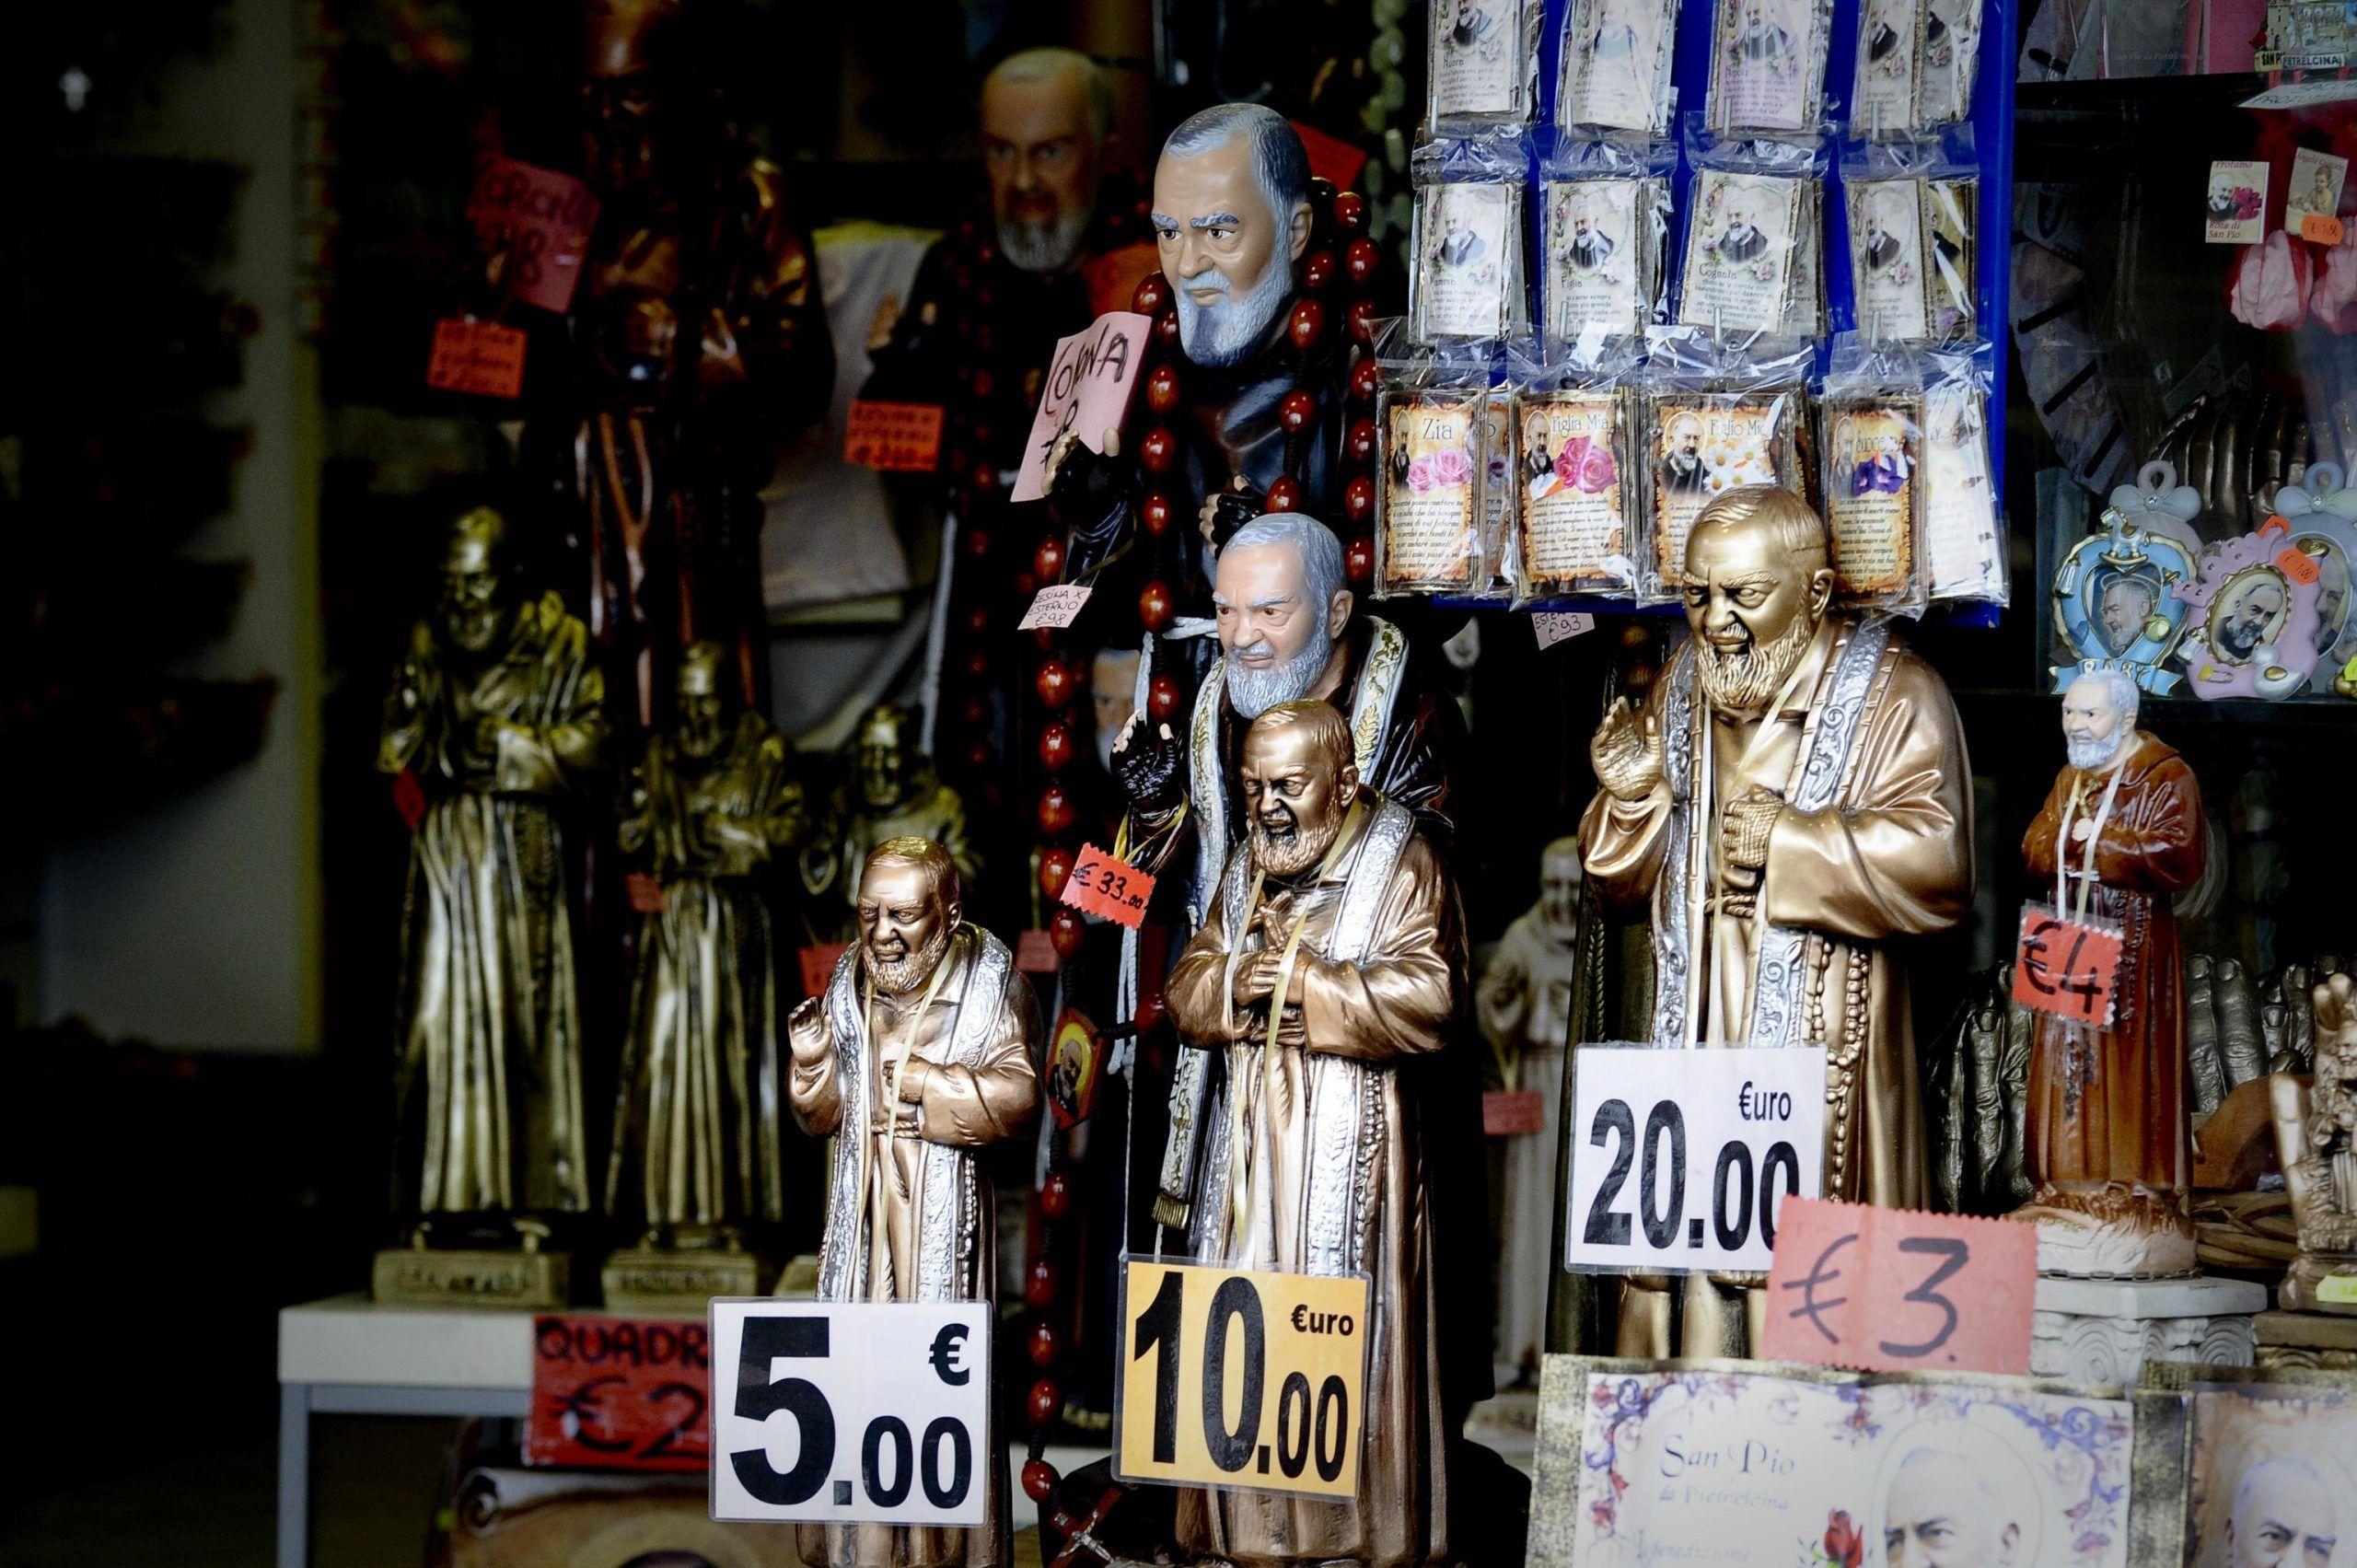 San padre Pio statua usata per truffa furto di energia elettrica